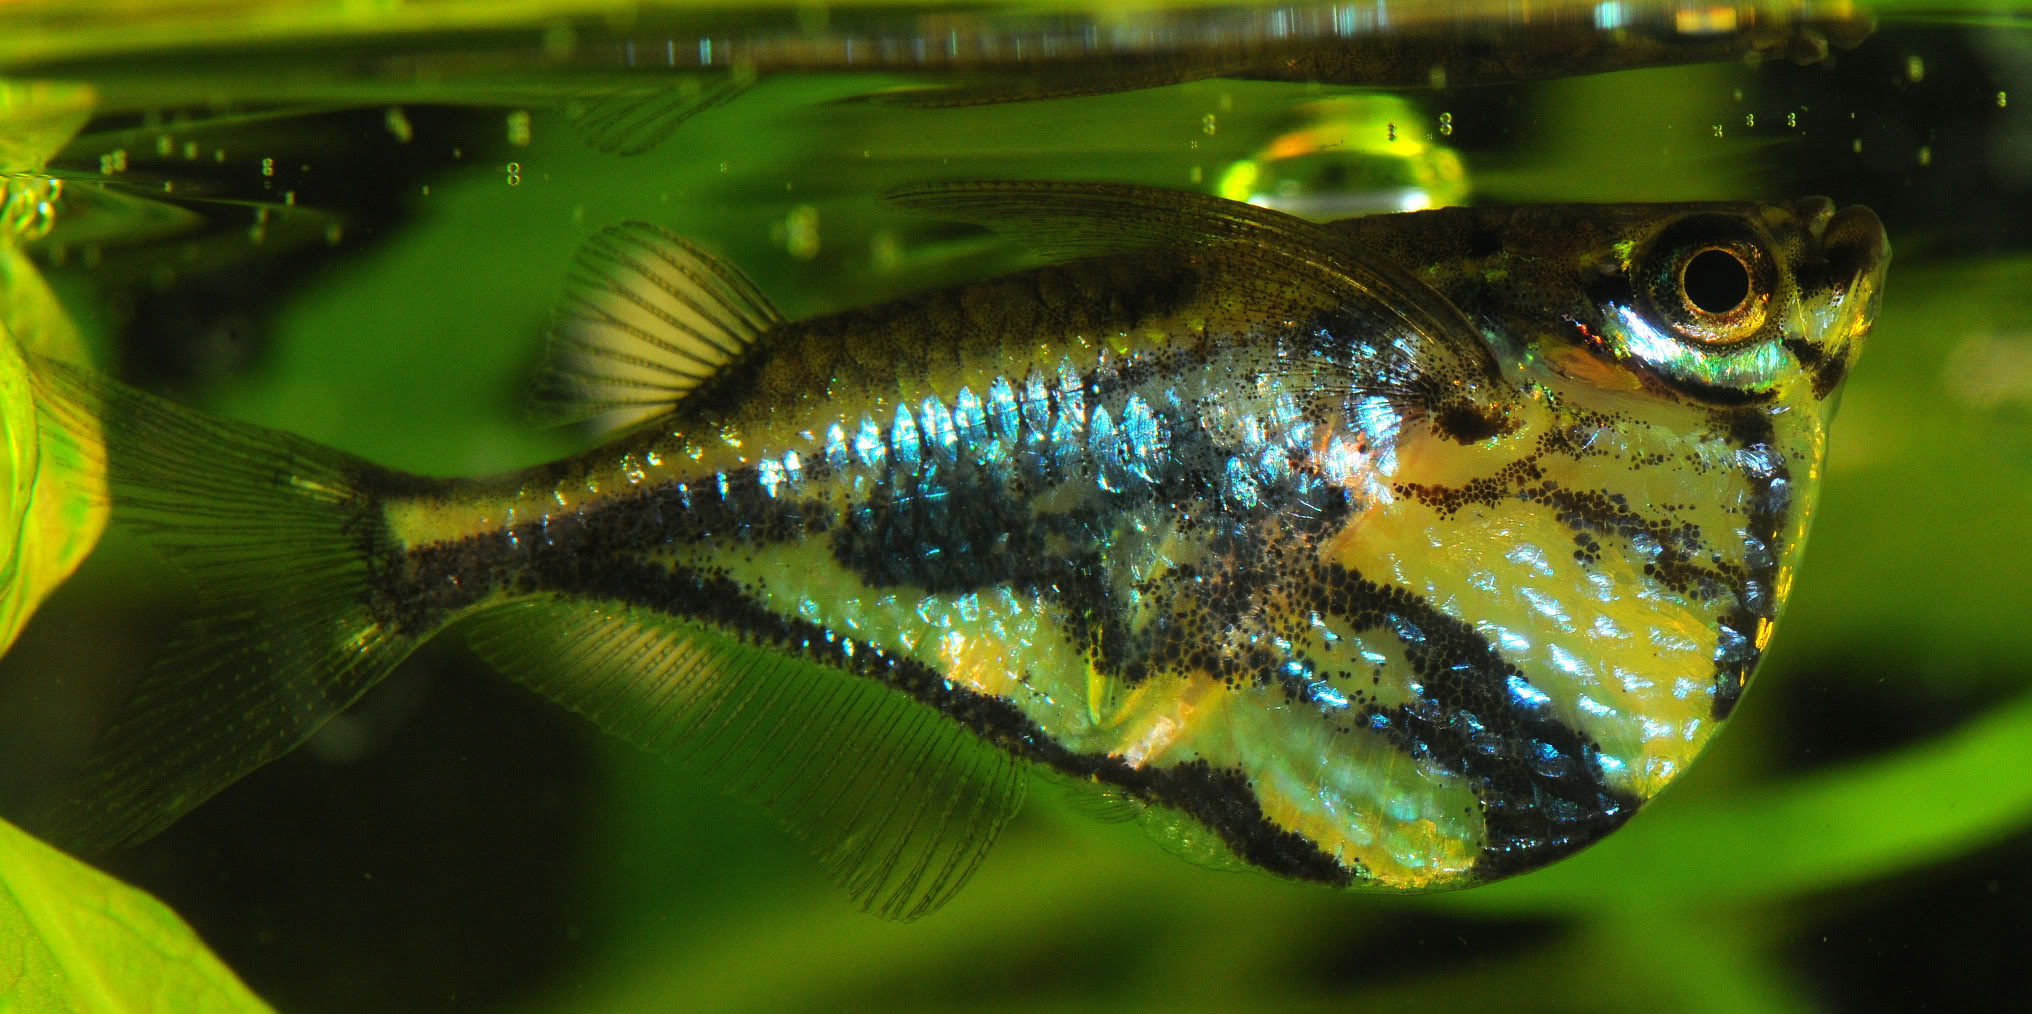 Marblefish in aquarium wallpaper